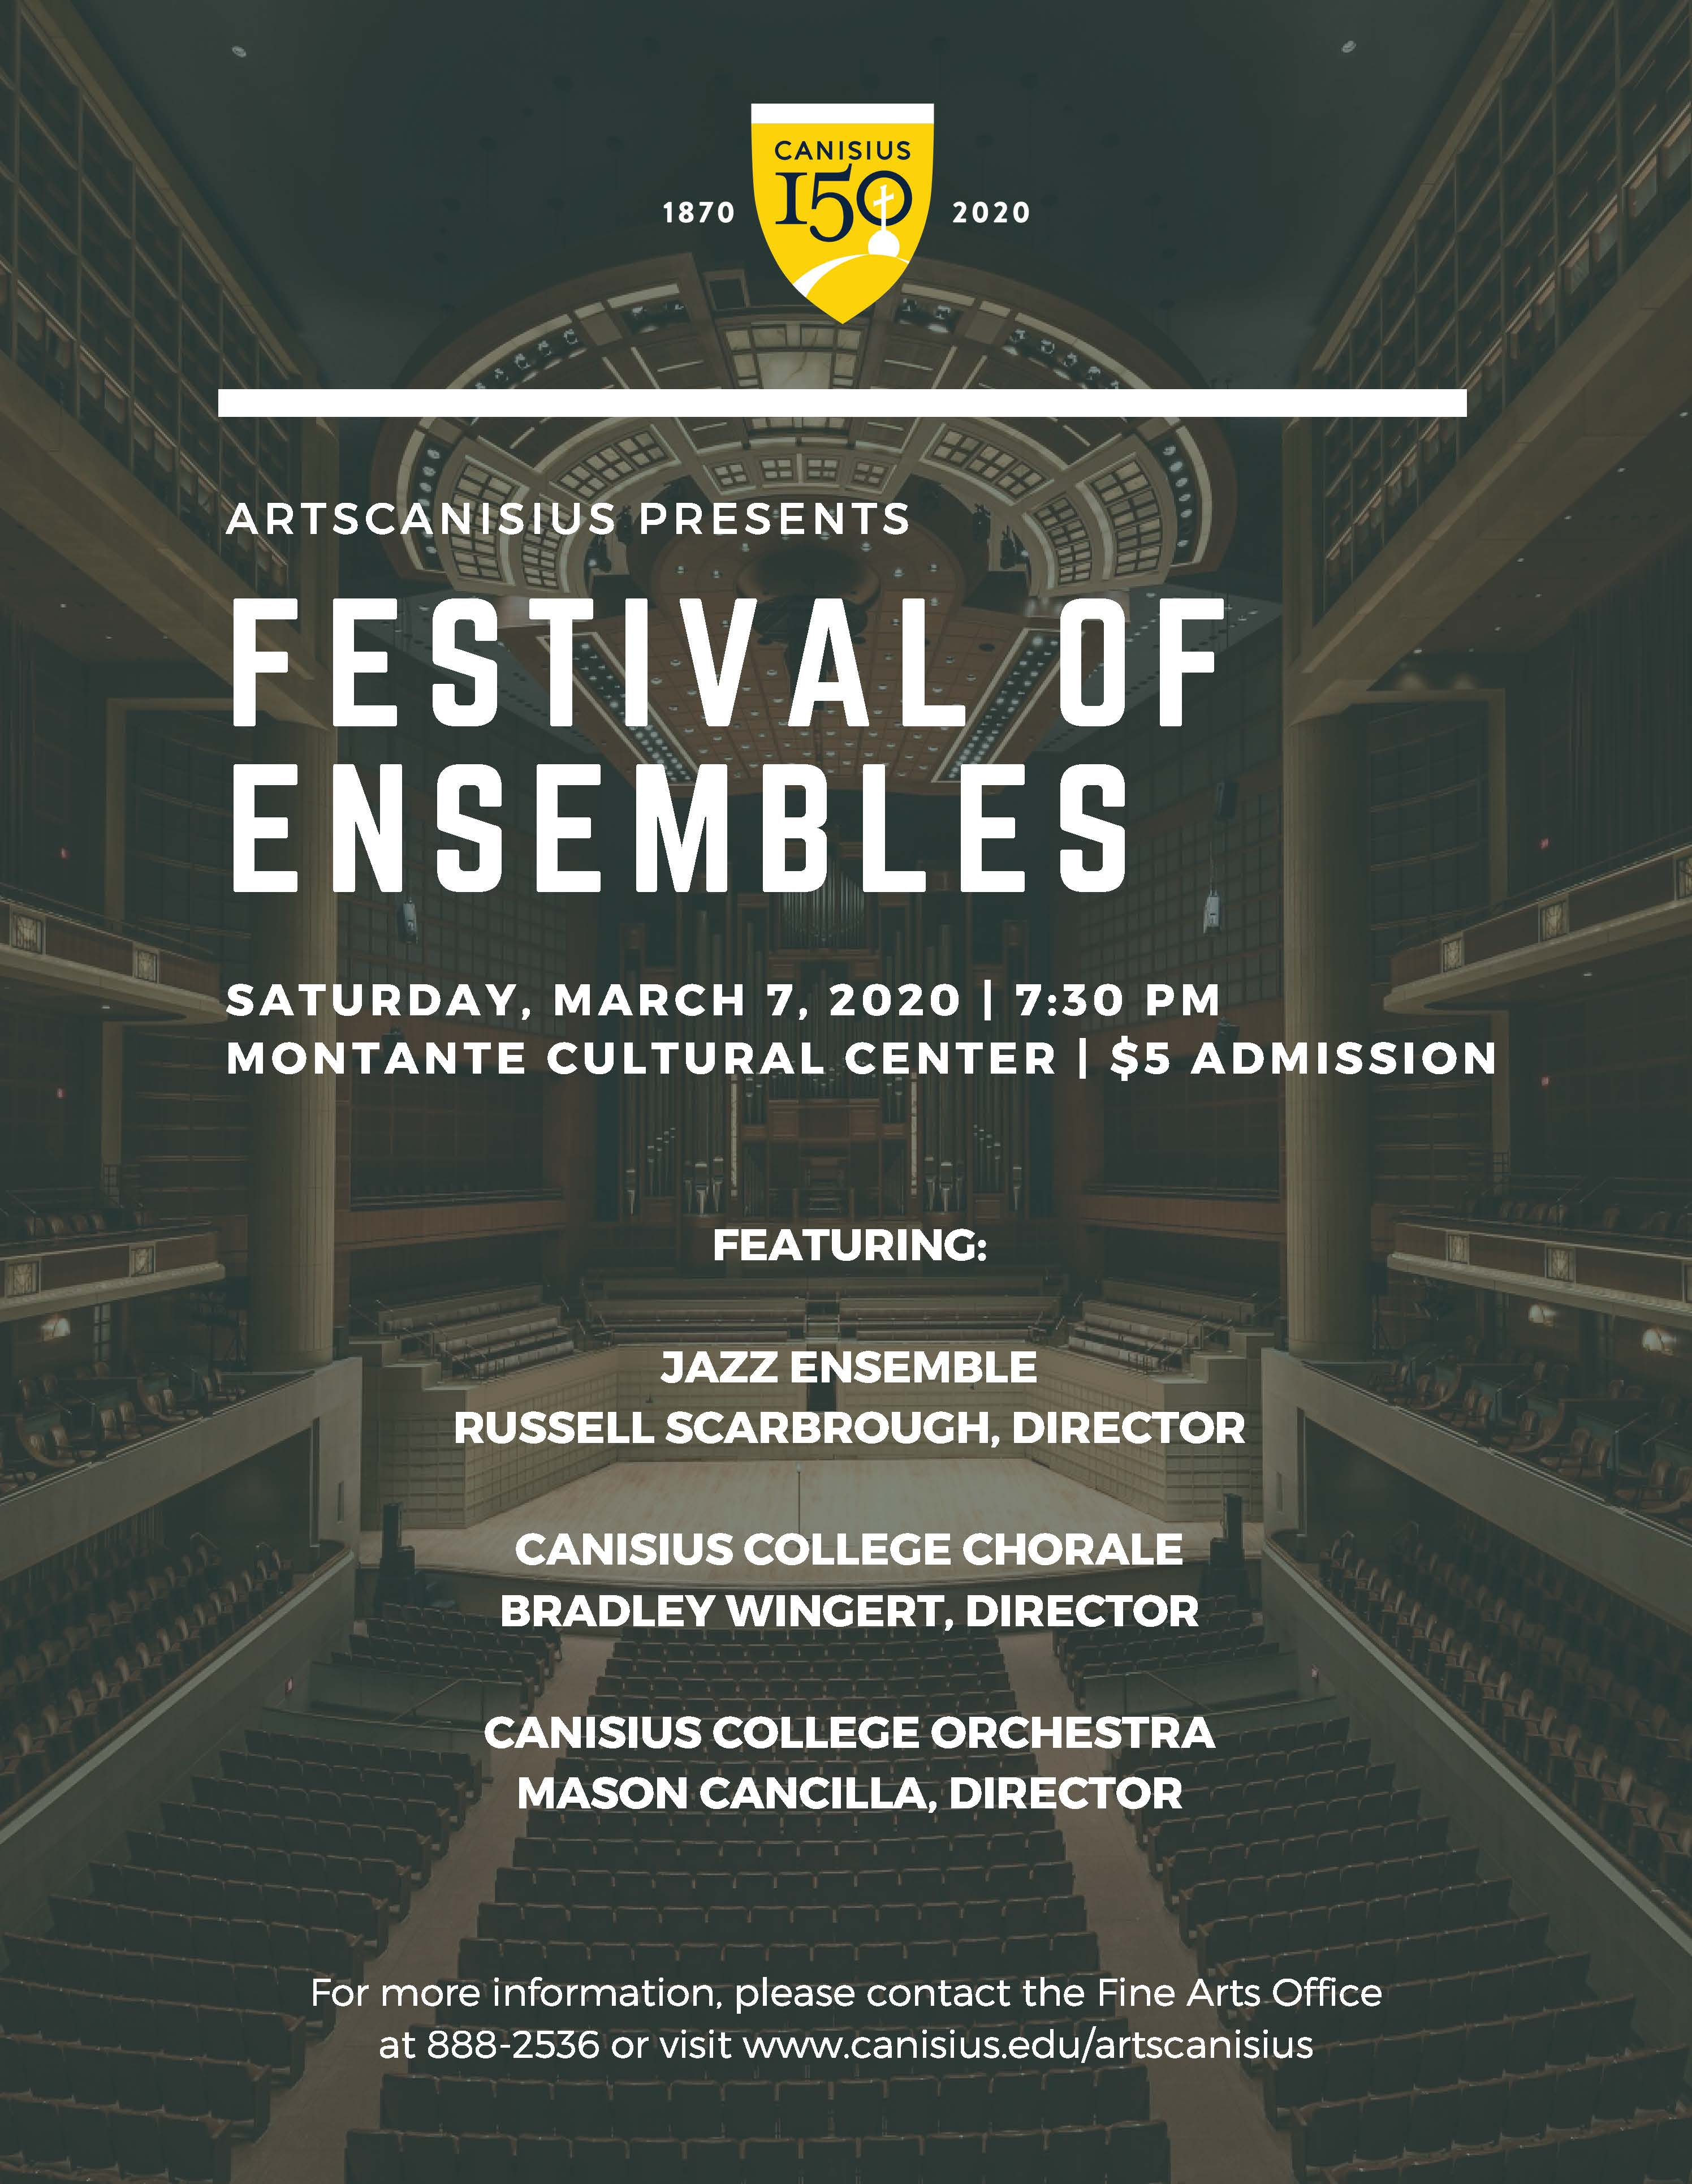 FestivalofEnsembles.3.2020.jpg